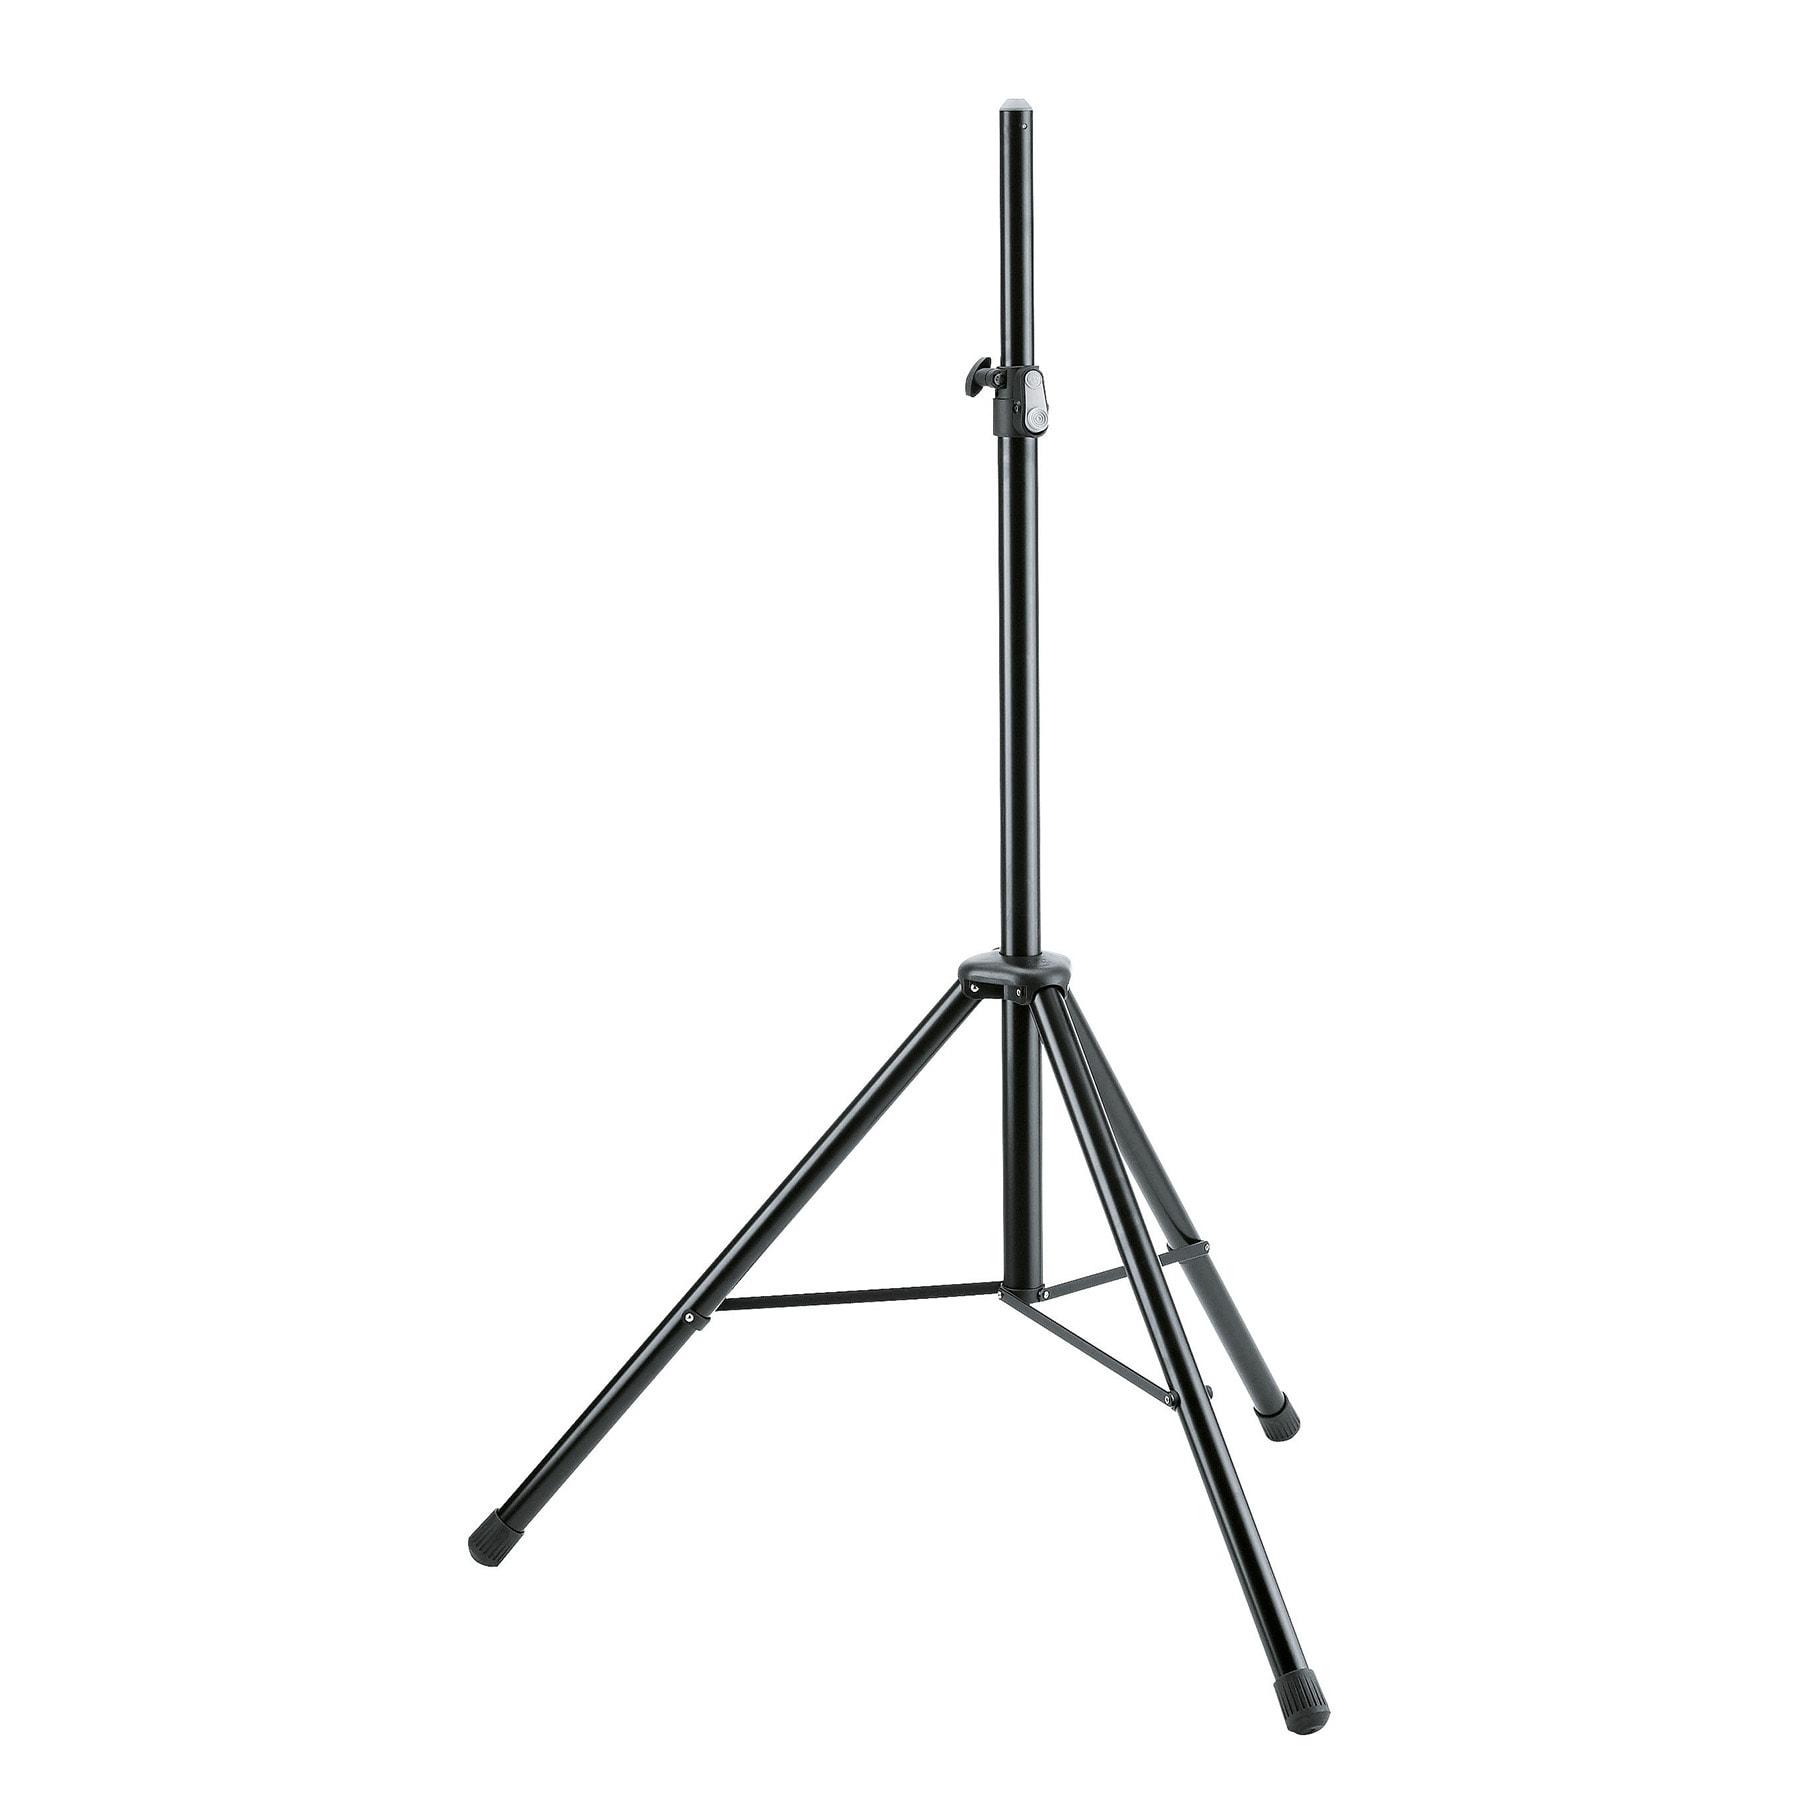 KM21435 - Speaker stand